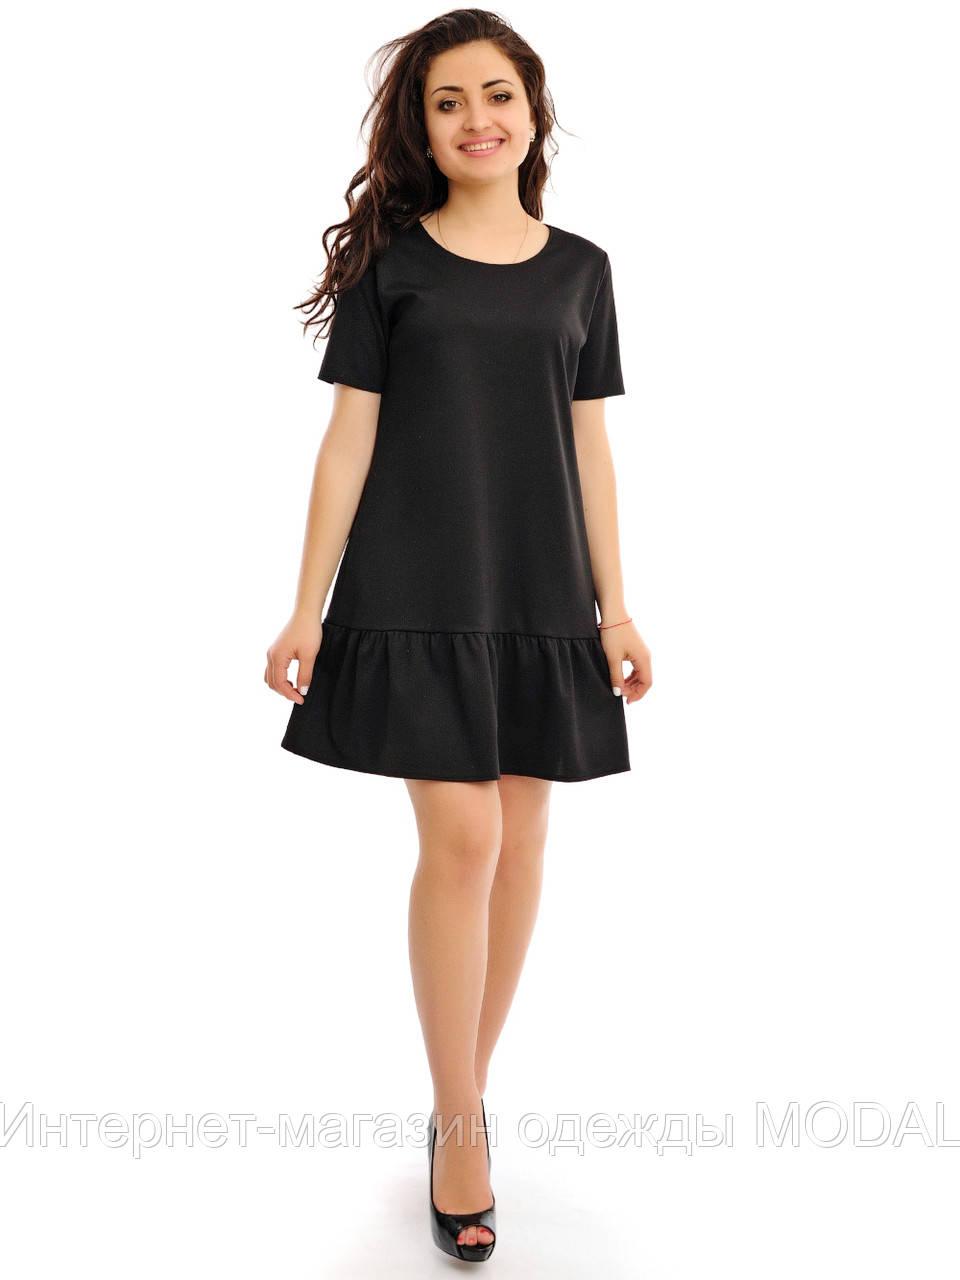 Платье с кружевными воланами внизу